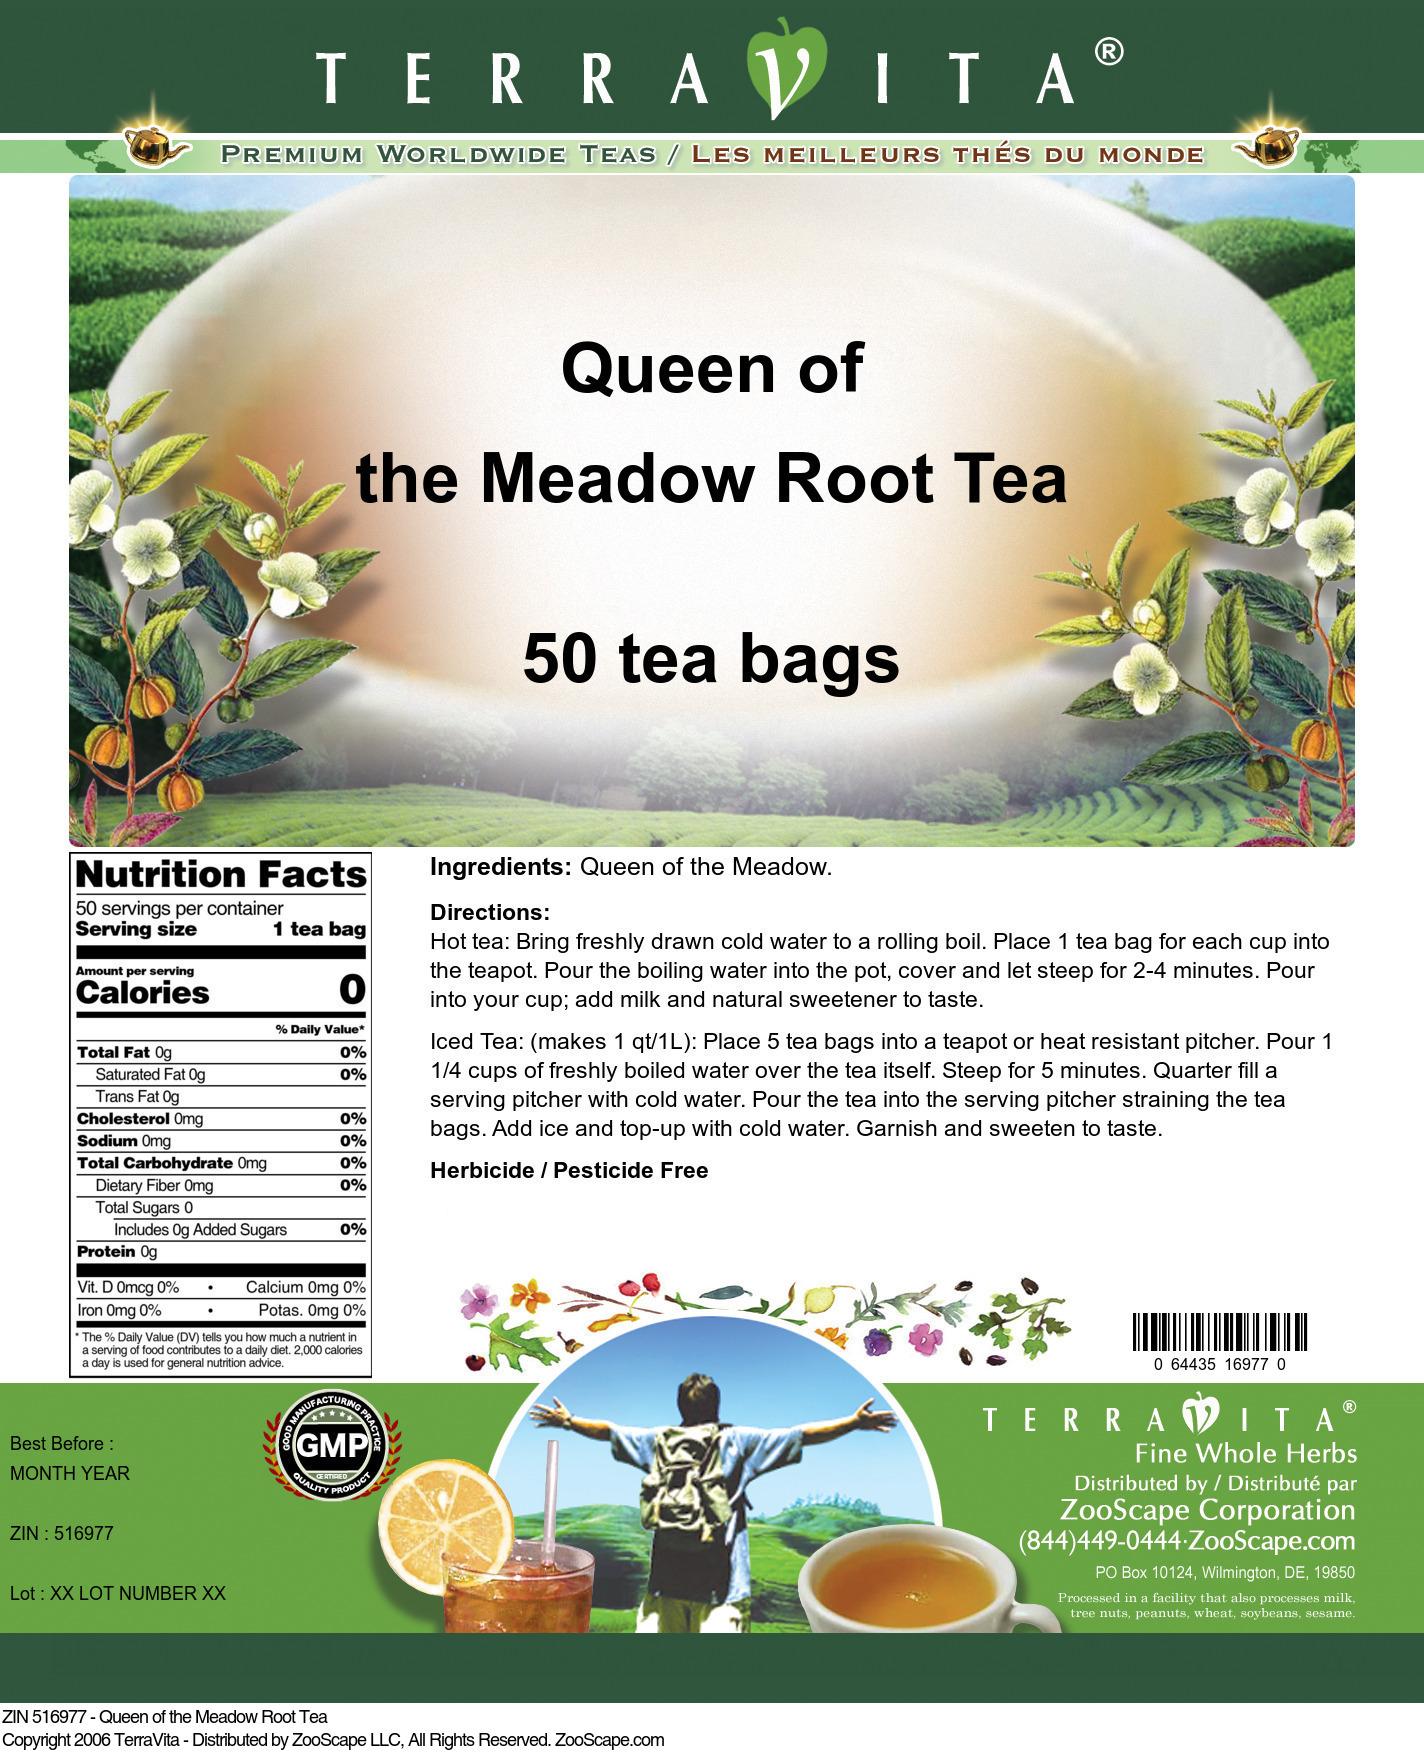 Queen of the Meadow Root Tea